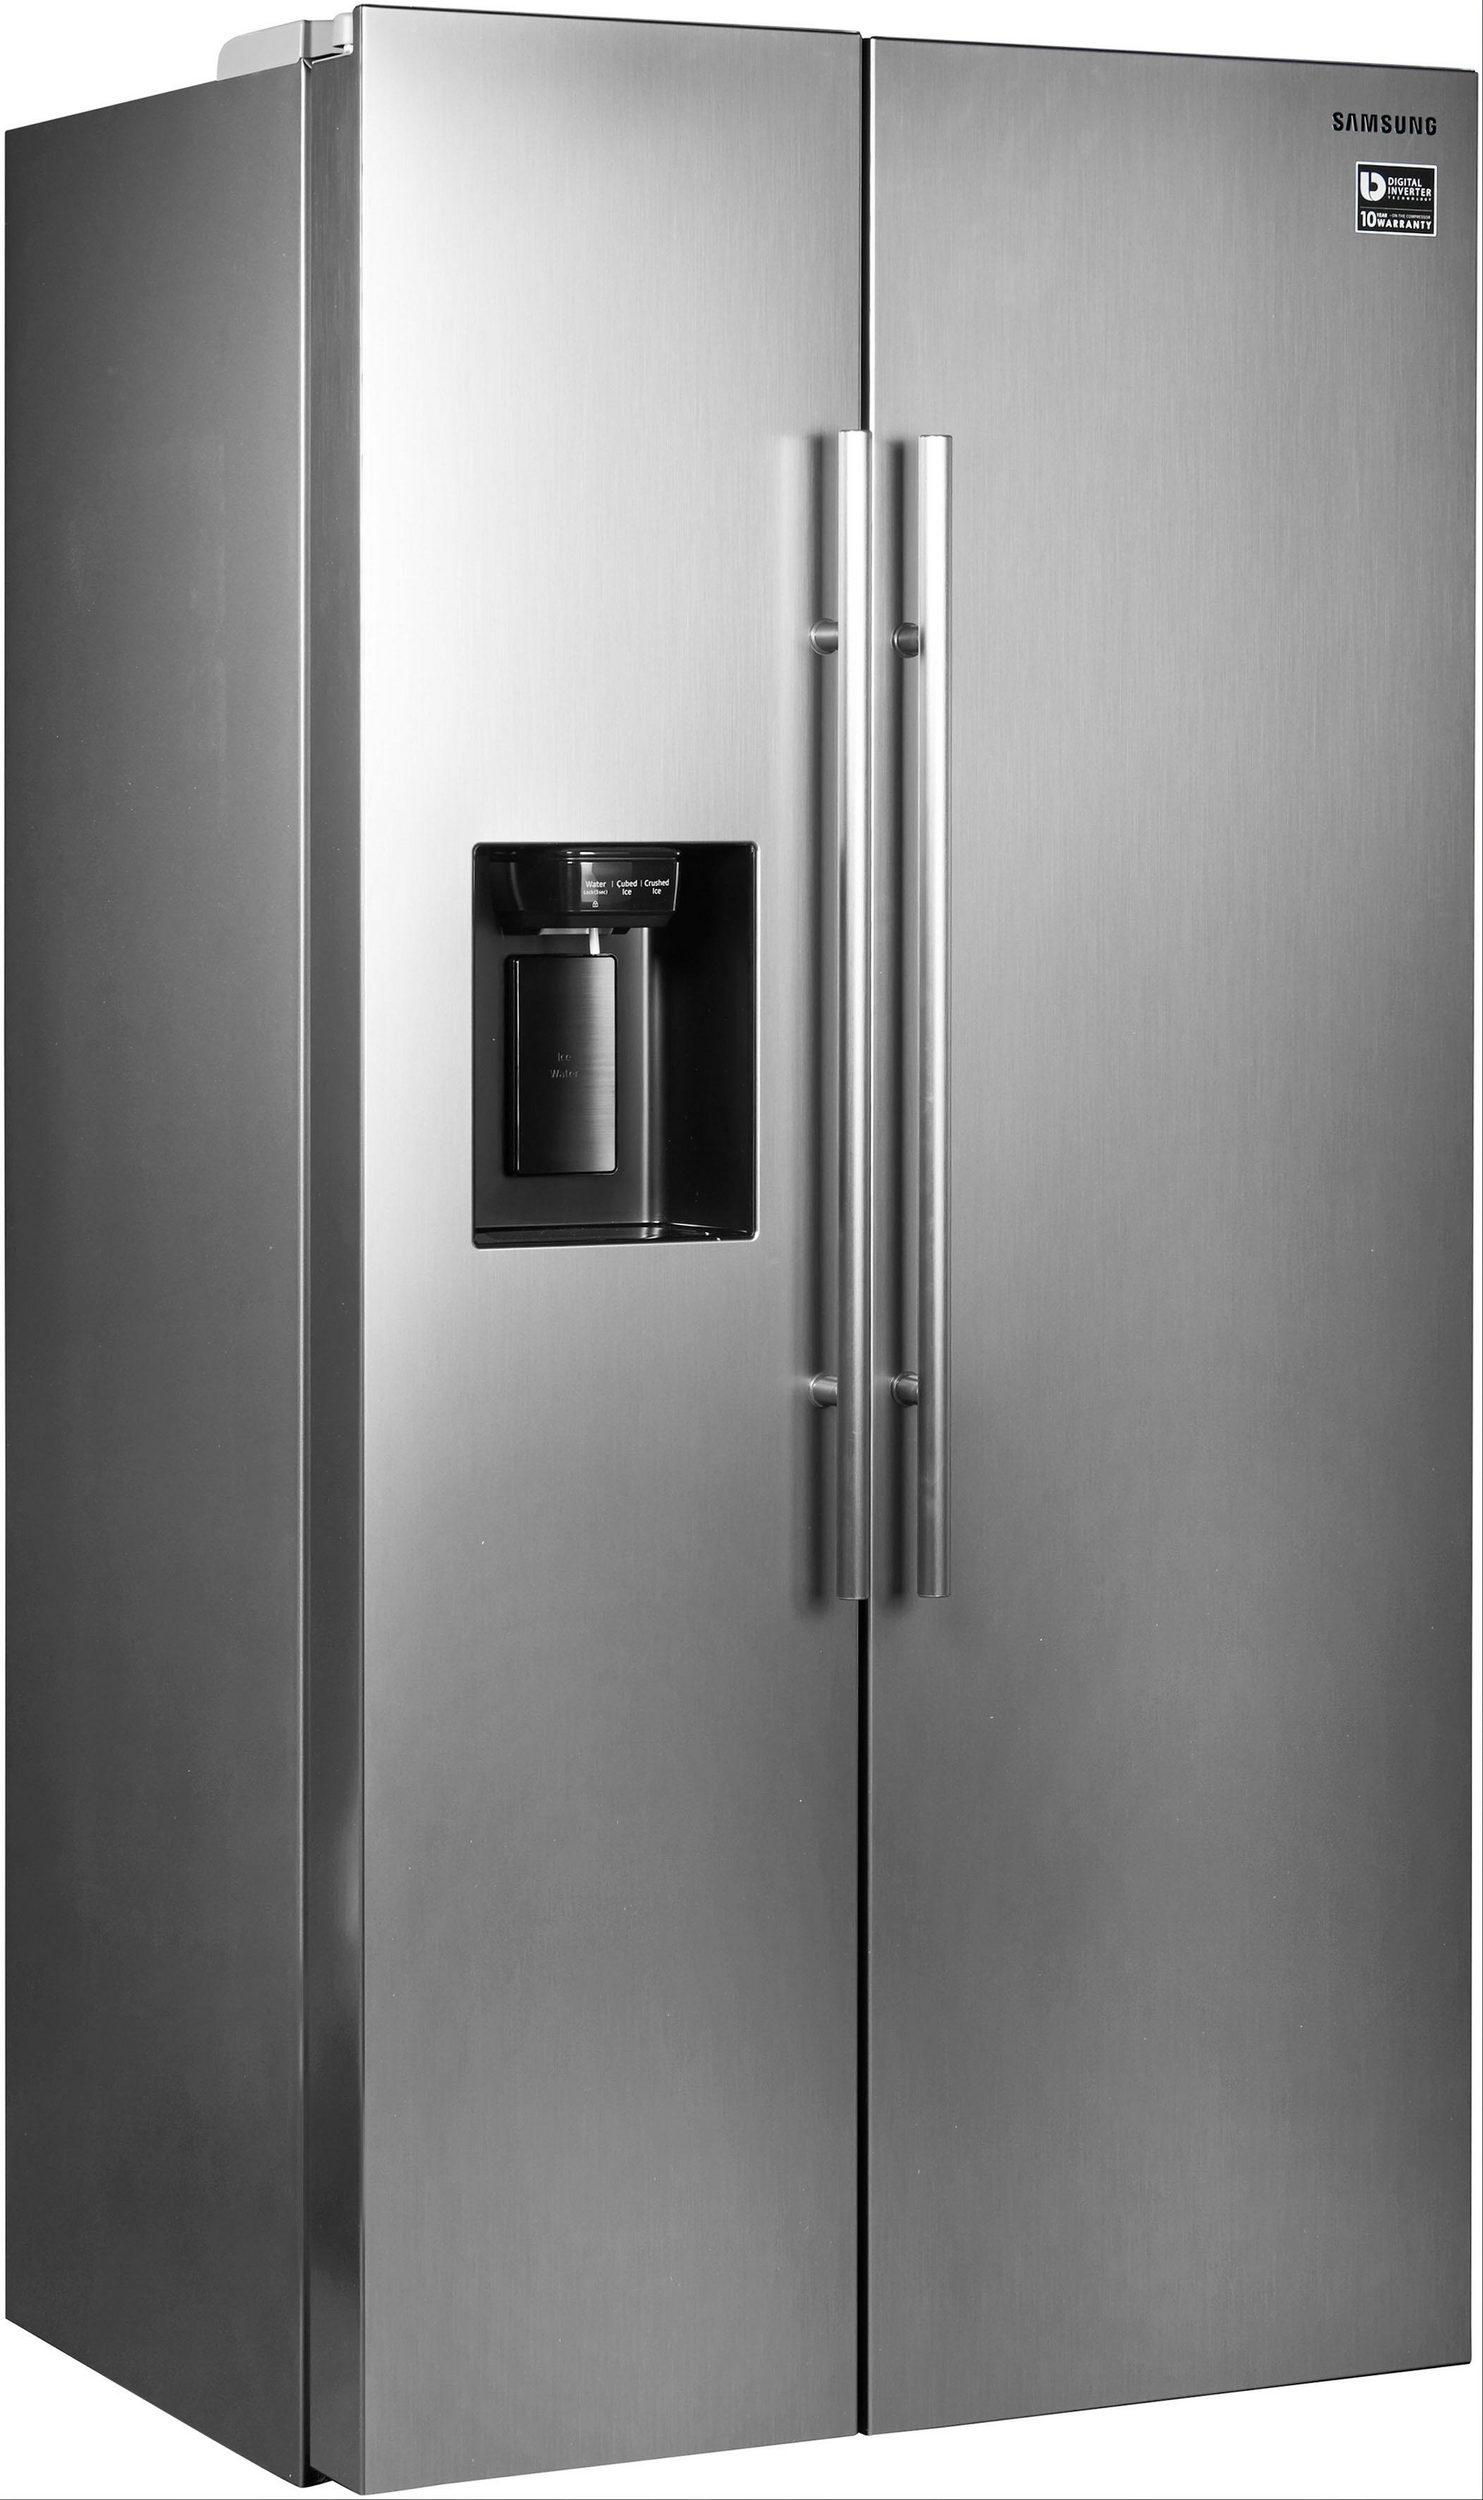 20% auf Samsung-Haushaltseletronik, z.B. Side-by-Side-Kühlschrank Samsung RS6JN8211S9 (A++, 407L/202L, Wasser-/Eiswürfelspender, NoFrost)